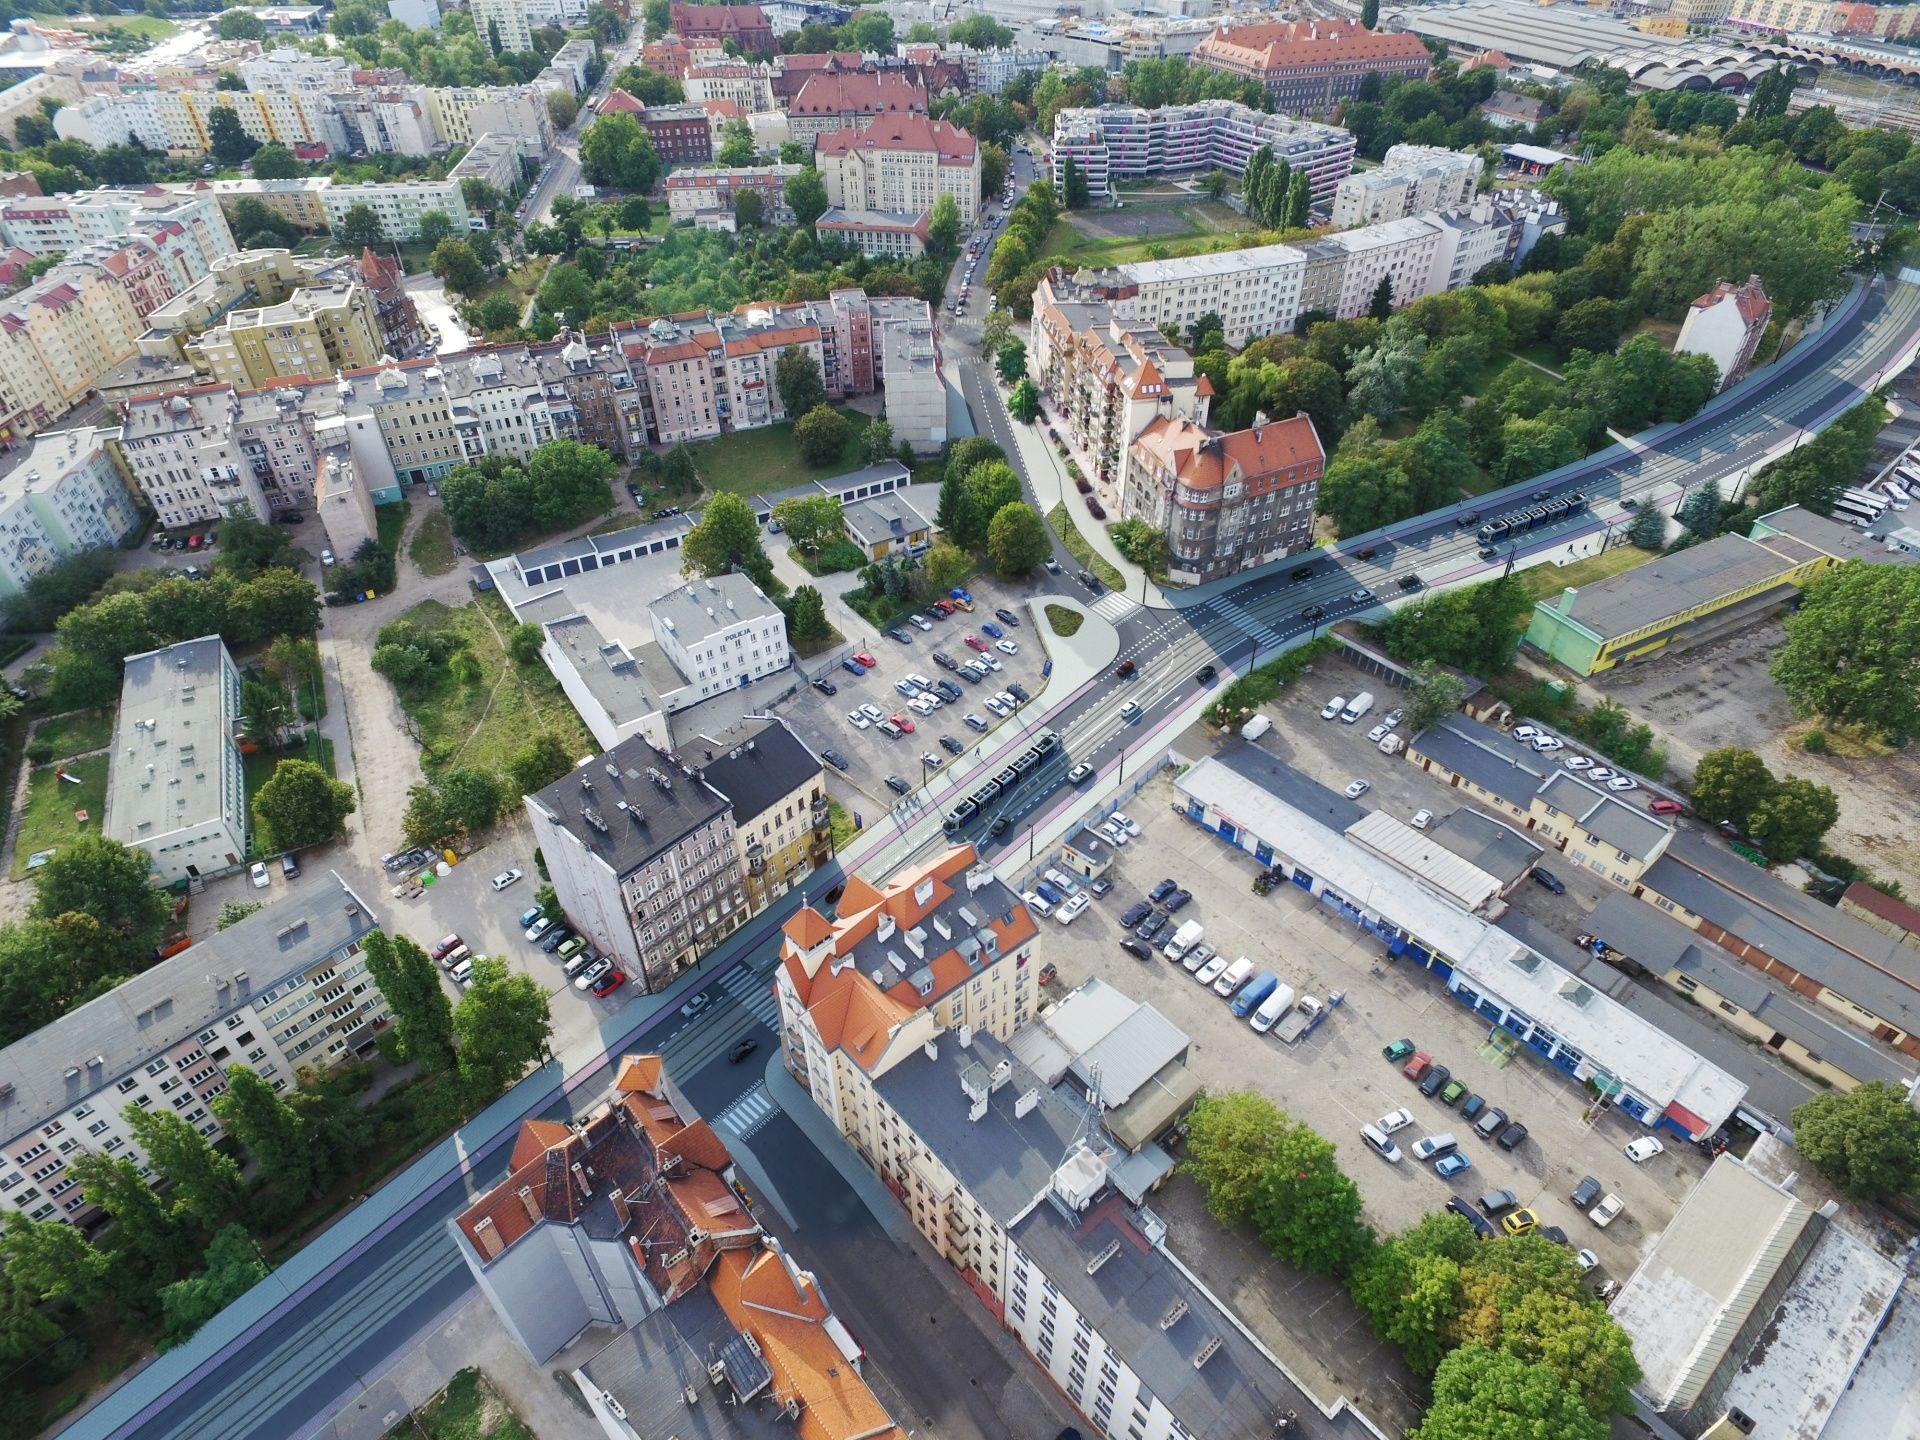 [Wrocław] Będzie remont Dyrekcyjnej i nowe torowisko na Hubskiej. Aktywiści: a co z Suchą?